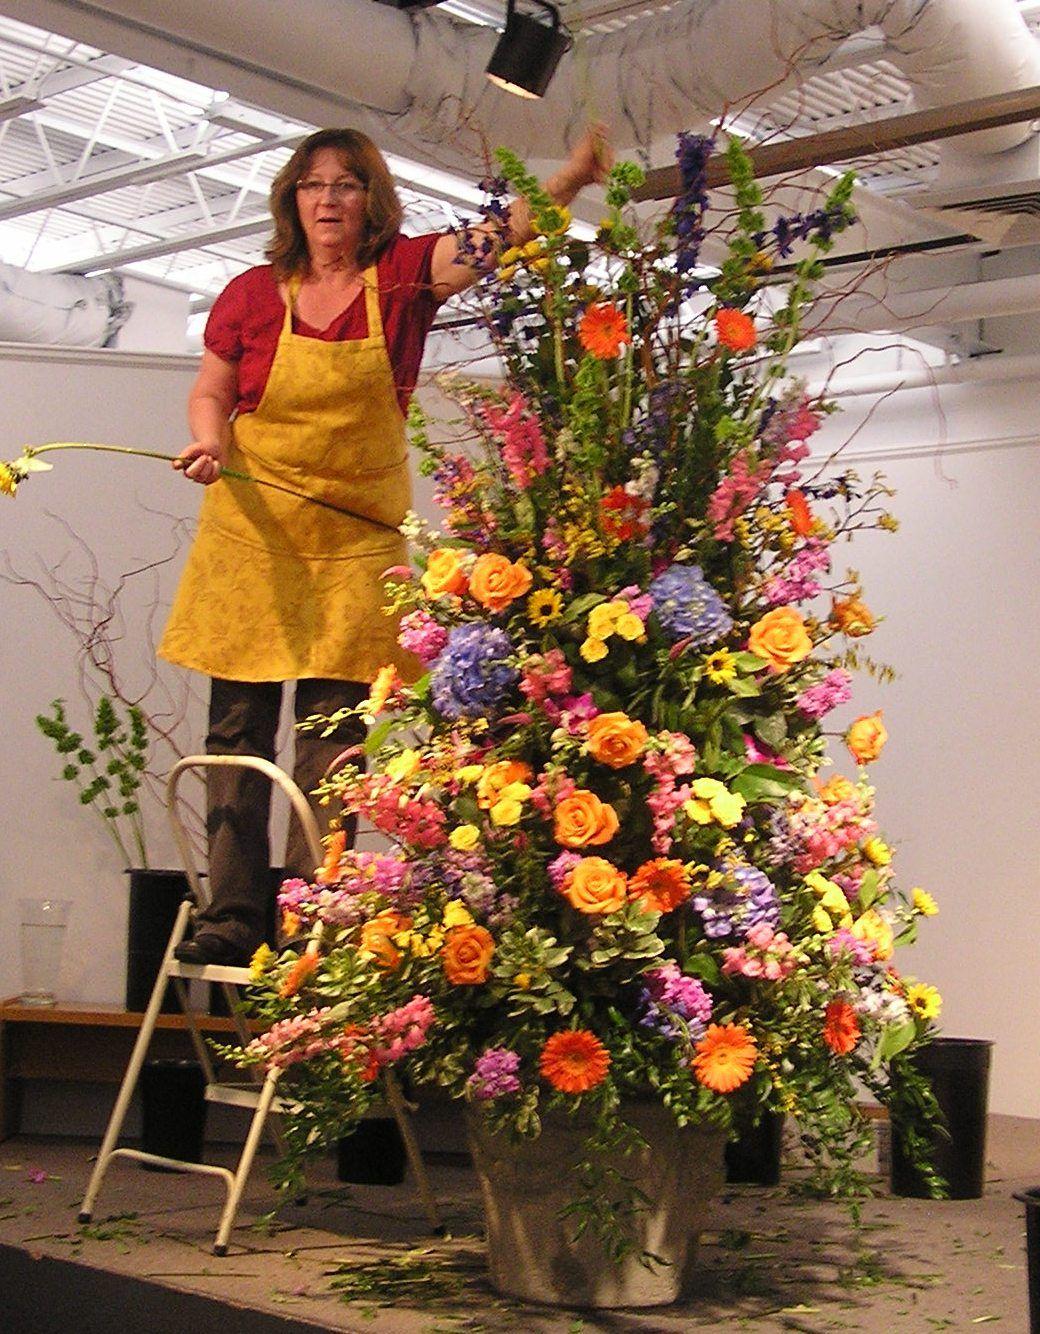 Flower Arranging at Philipstown Garden Club Presentation